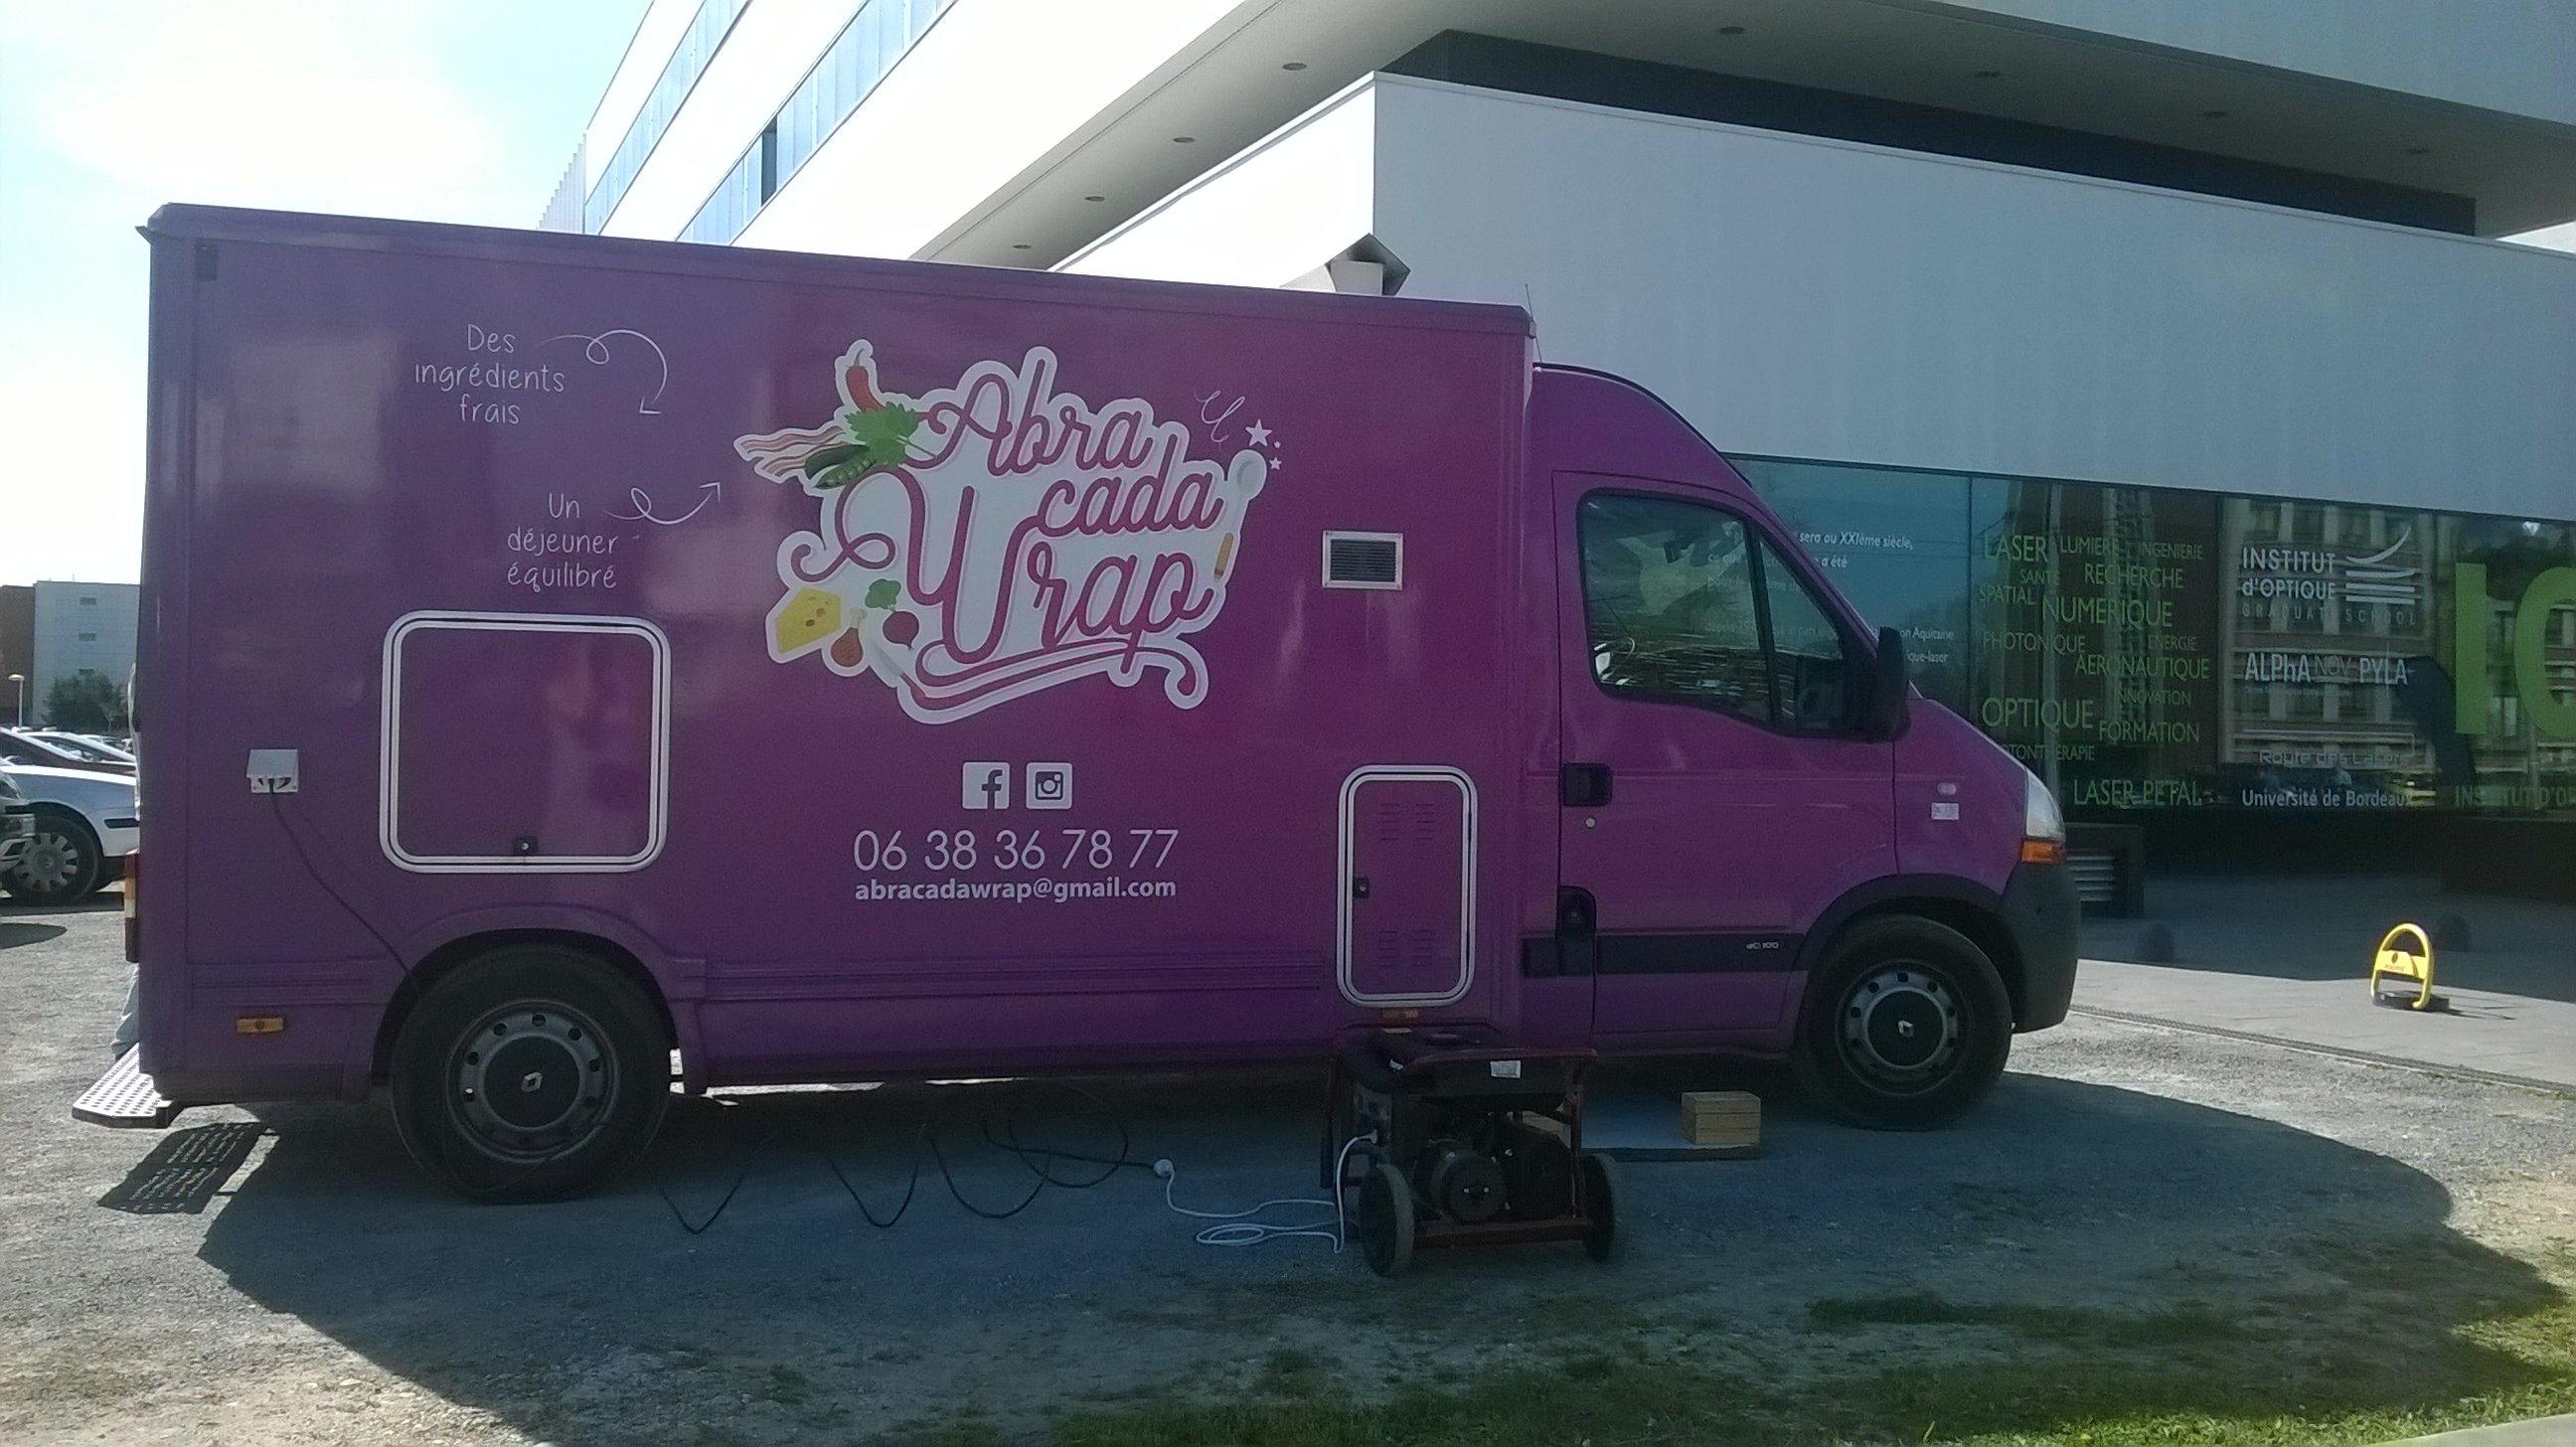 AbracadaWrap : le food truck qui roule pour vous